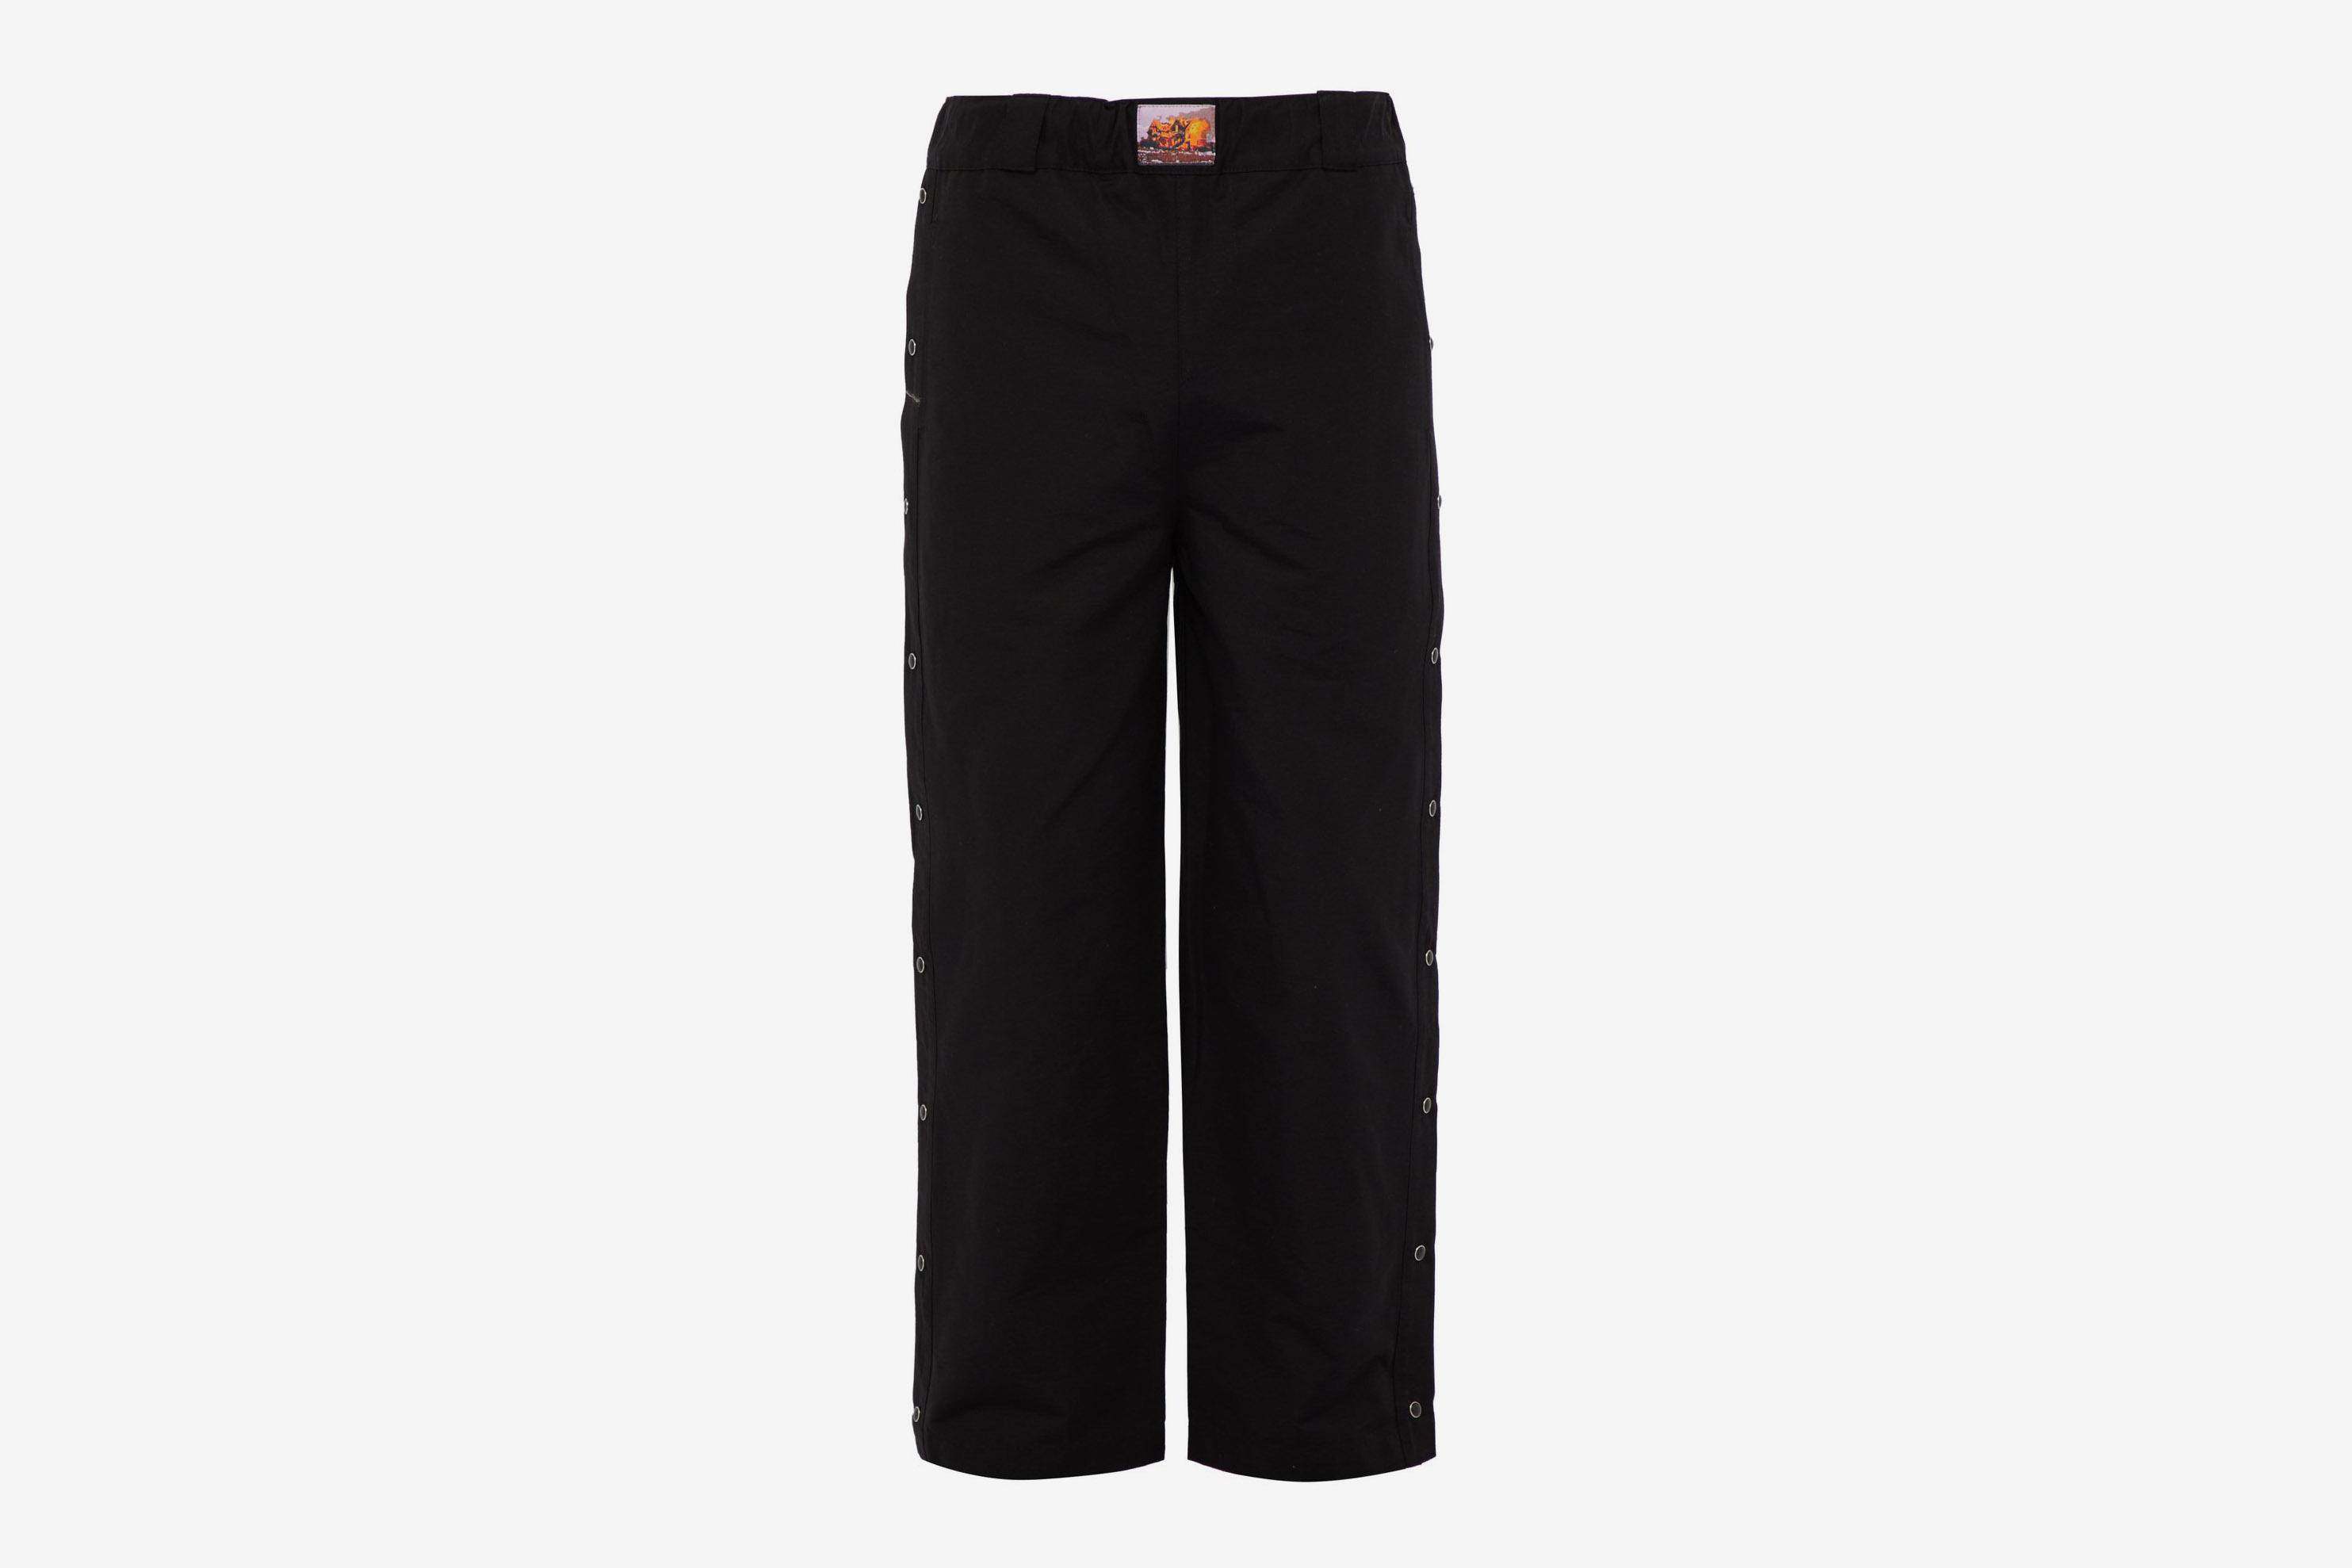 Press-Stud Trousers